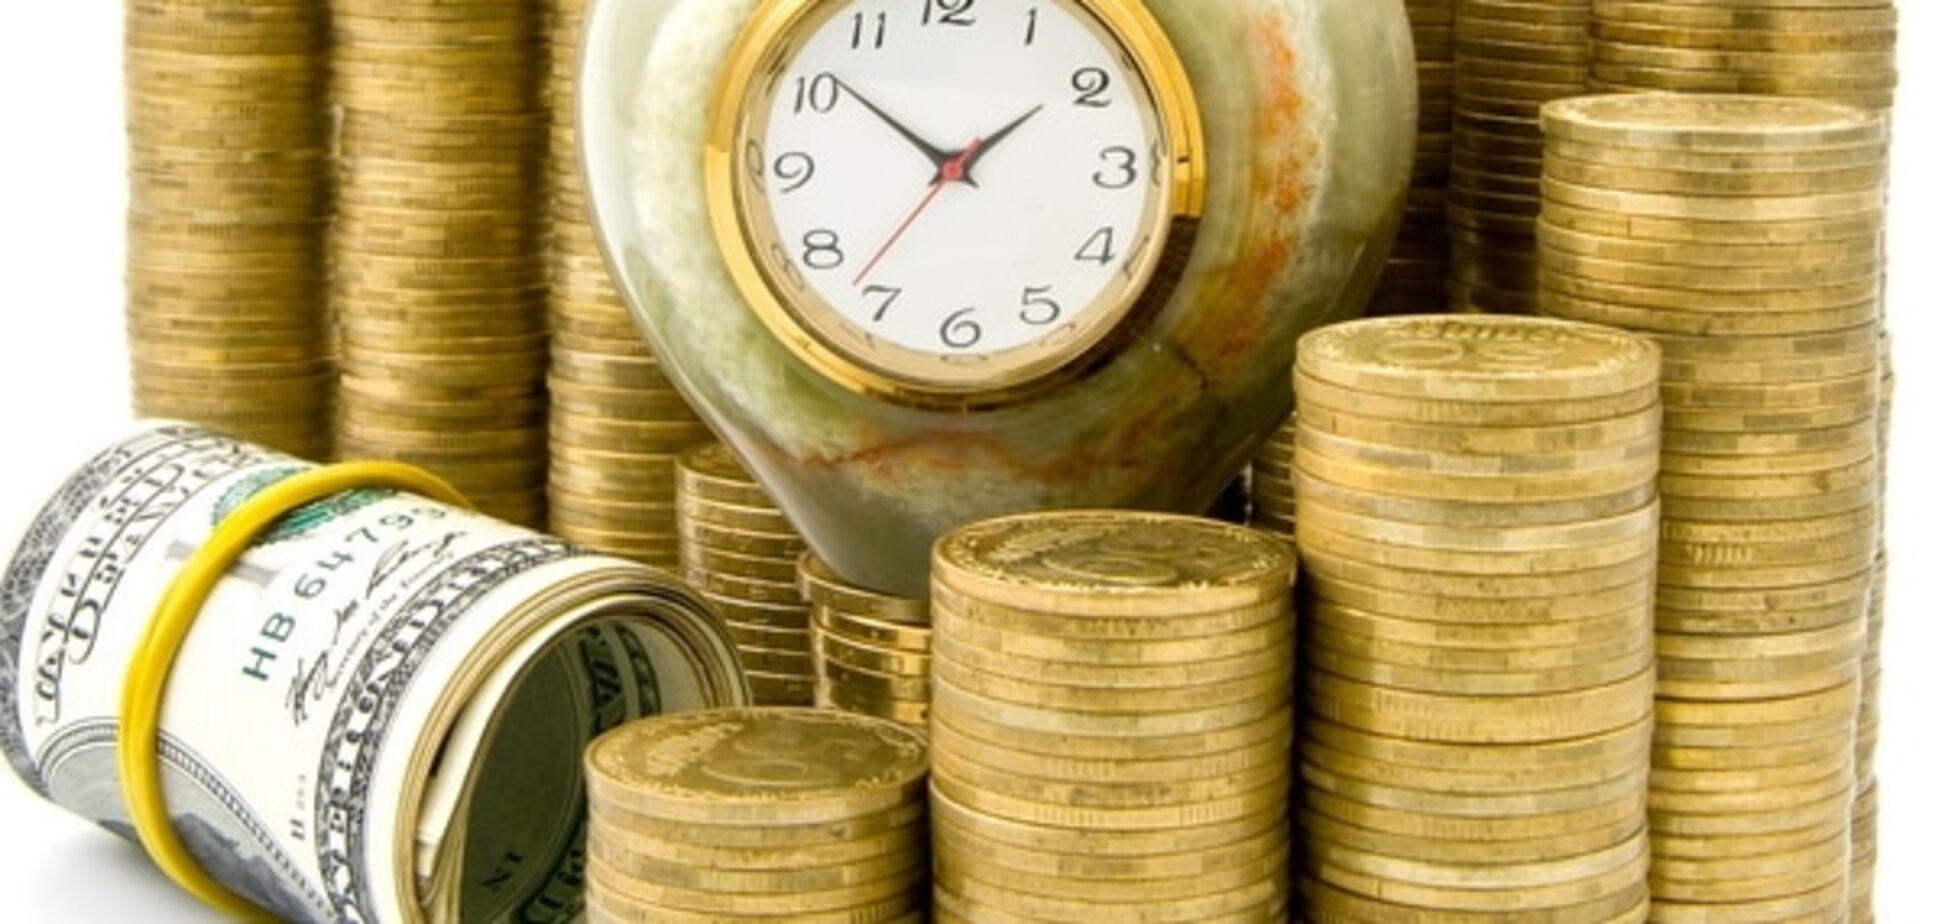 Судьба депозитов госпредприятий в проблемных банках: кто виноват и что делать